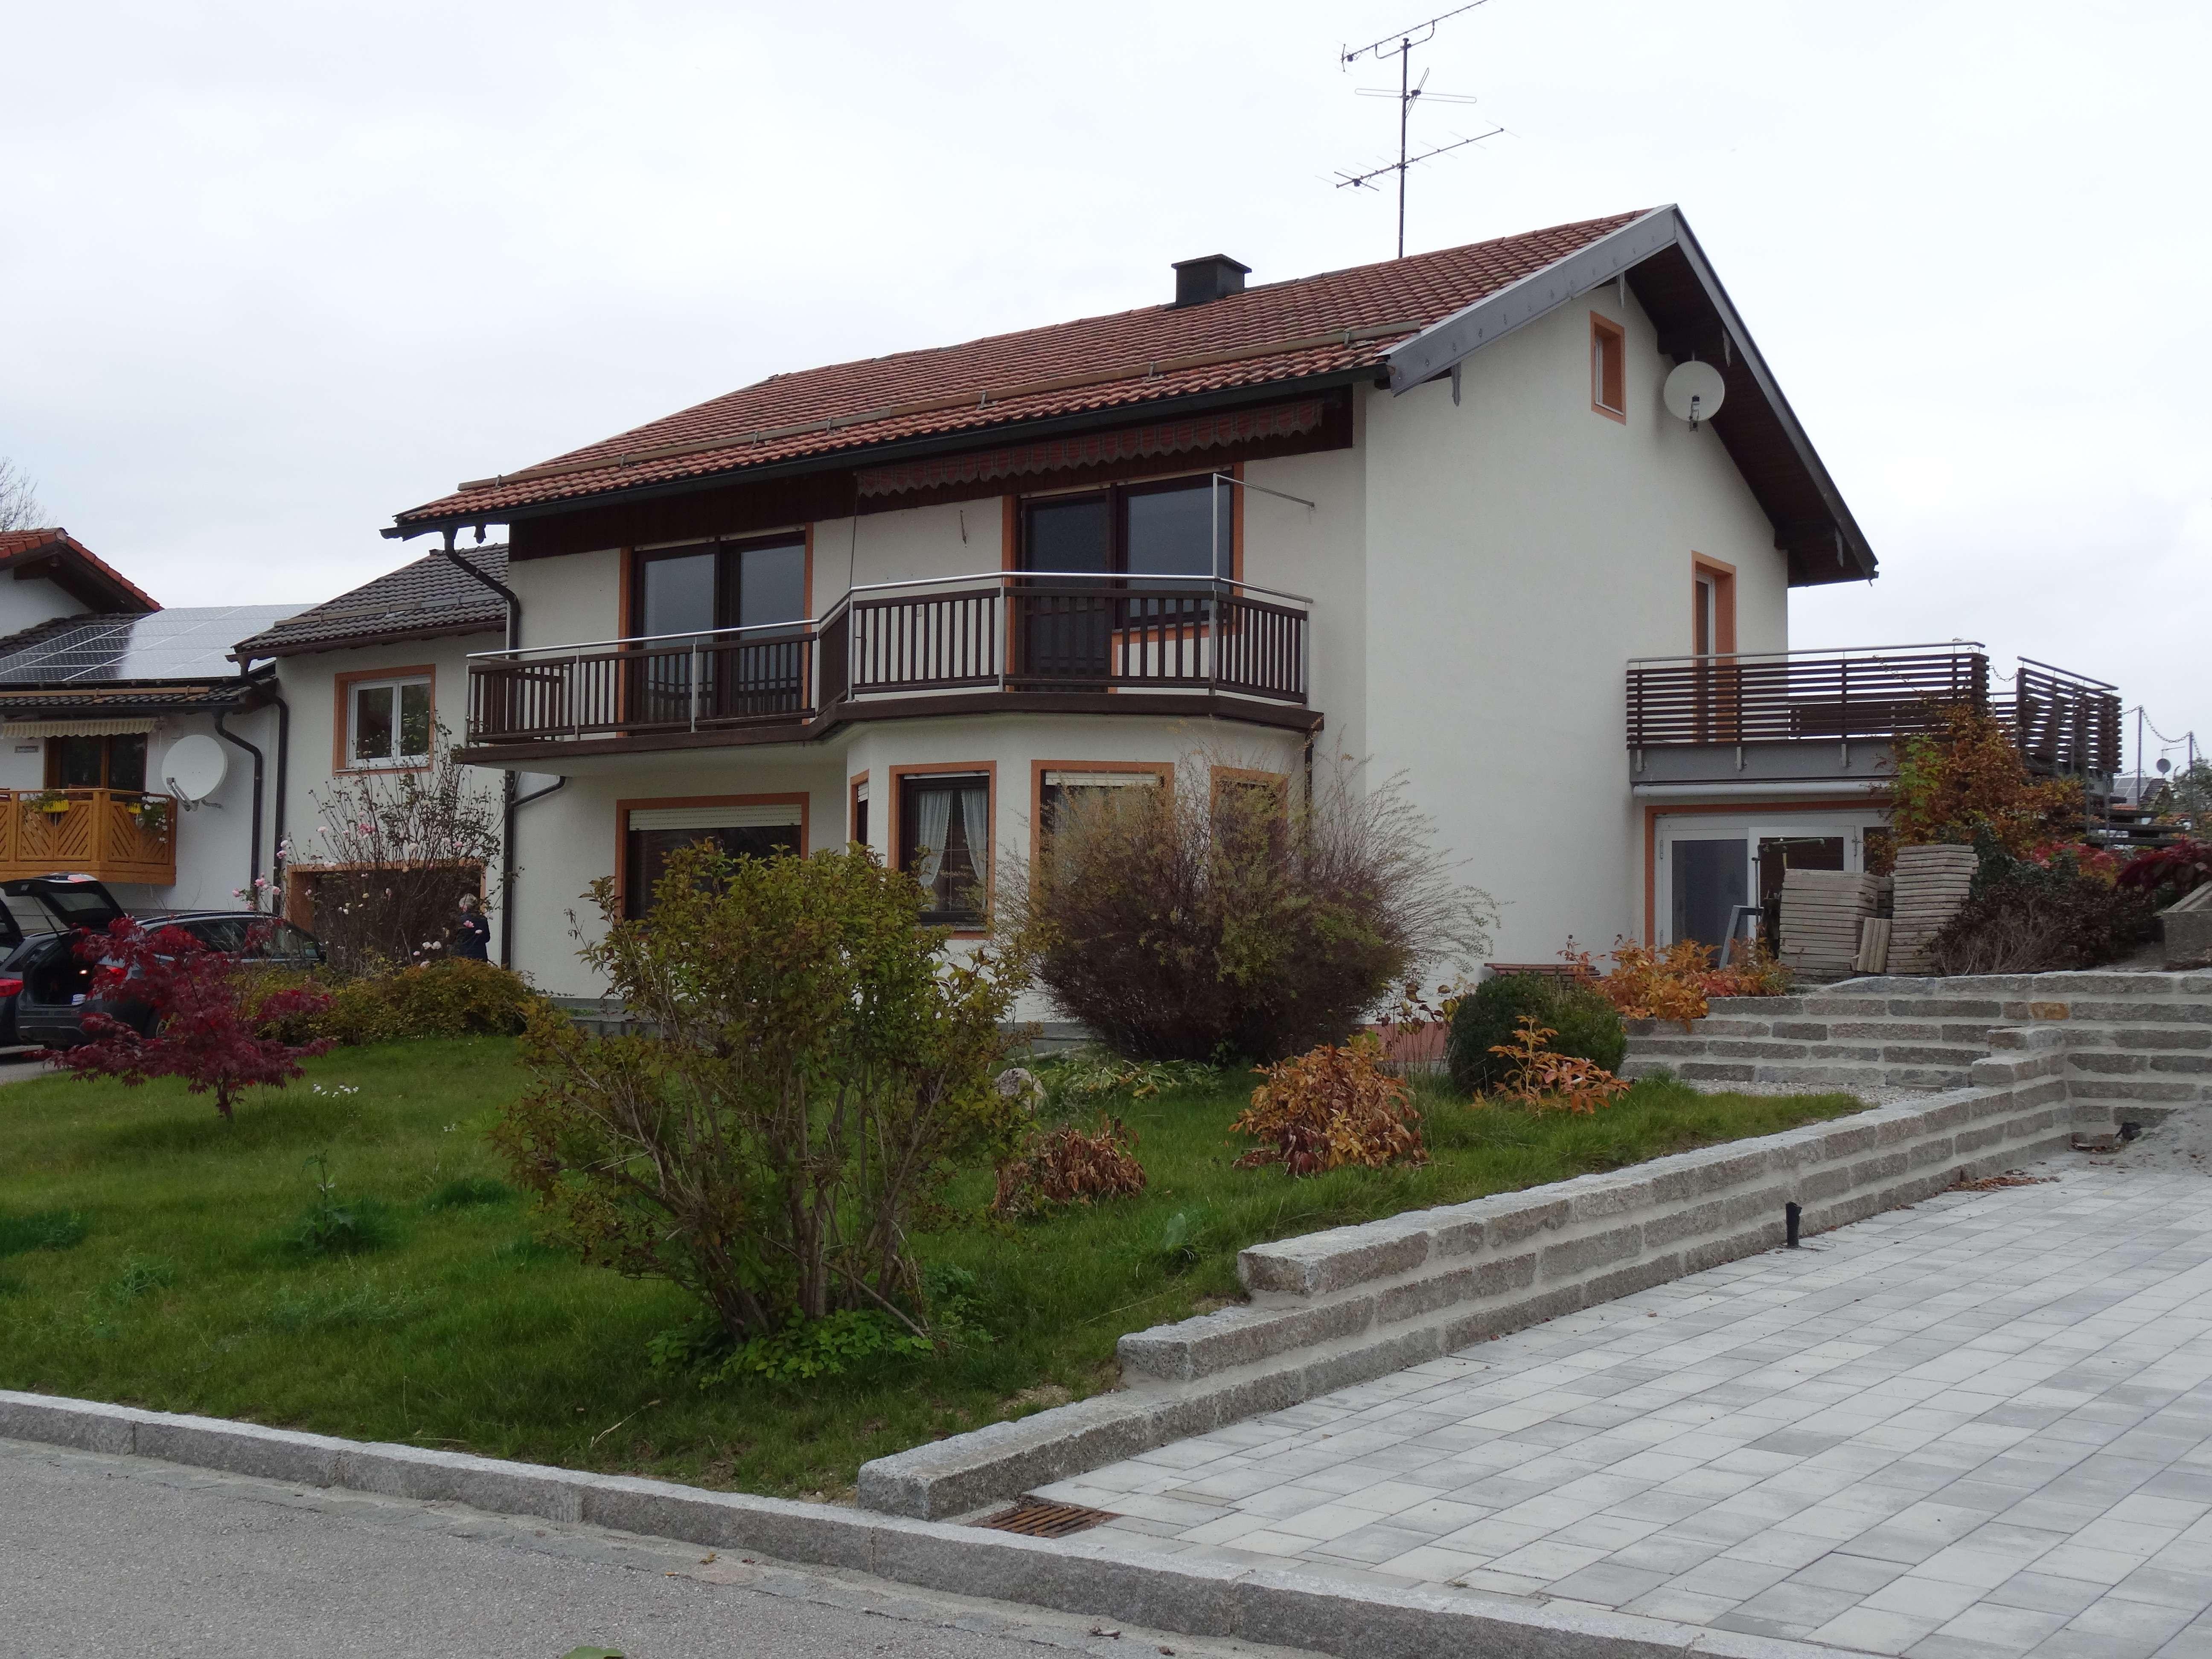 Gepflegte 6-Zimmer-Wohnung mit Balkon, Terrasse und EBK in Kammer in Traunstein